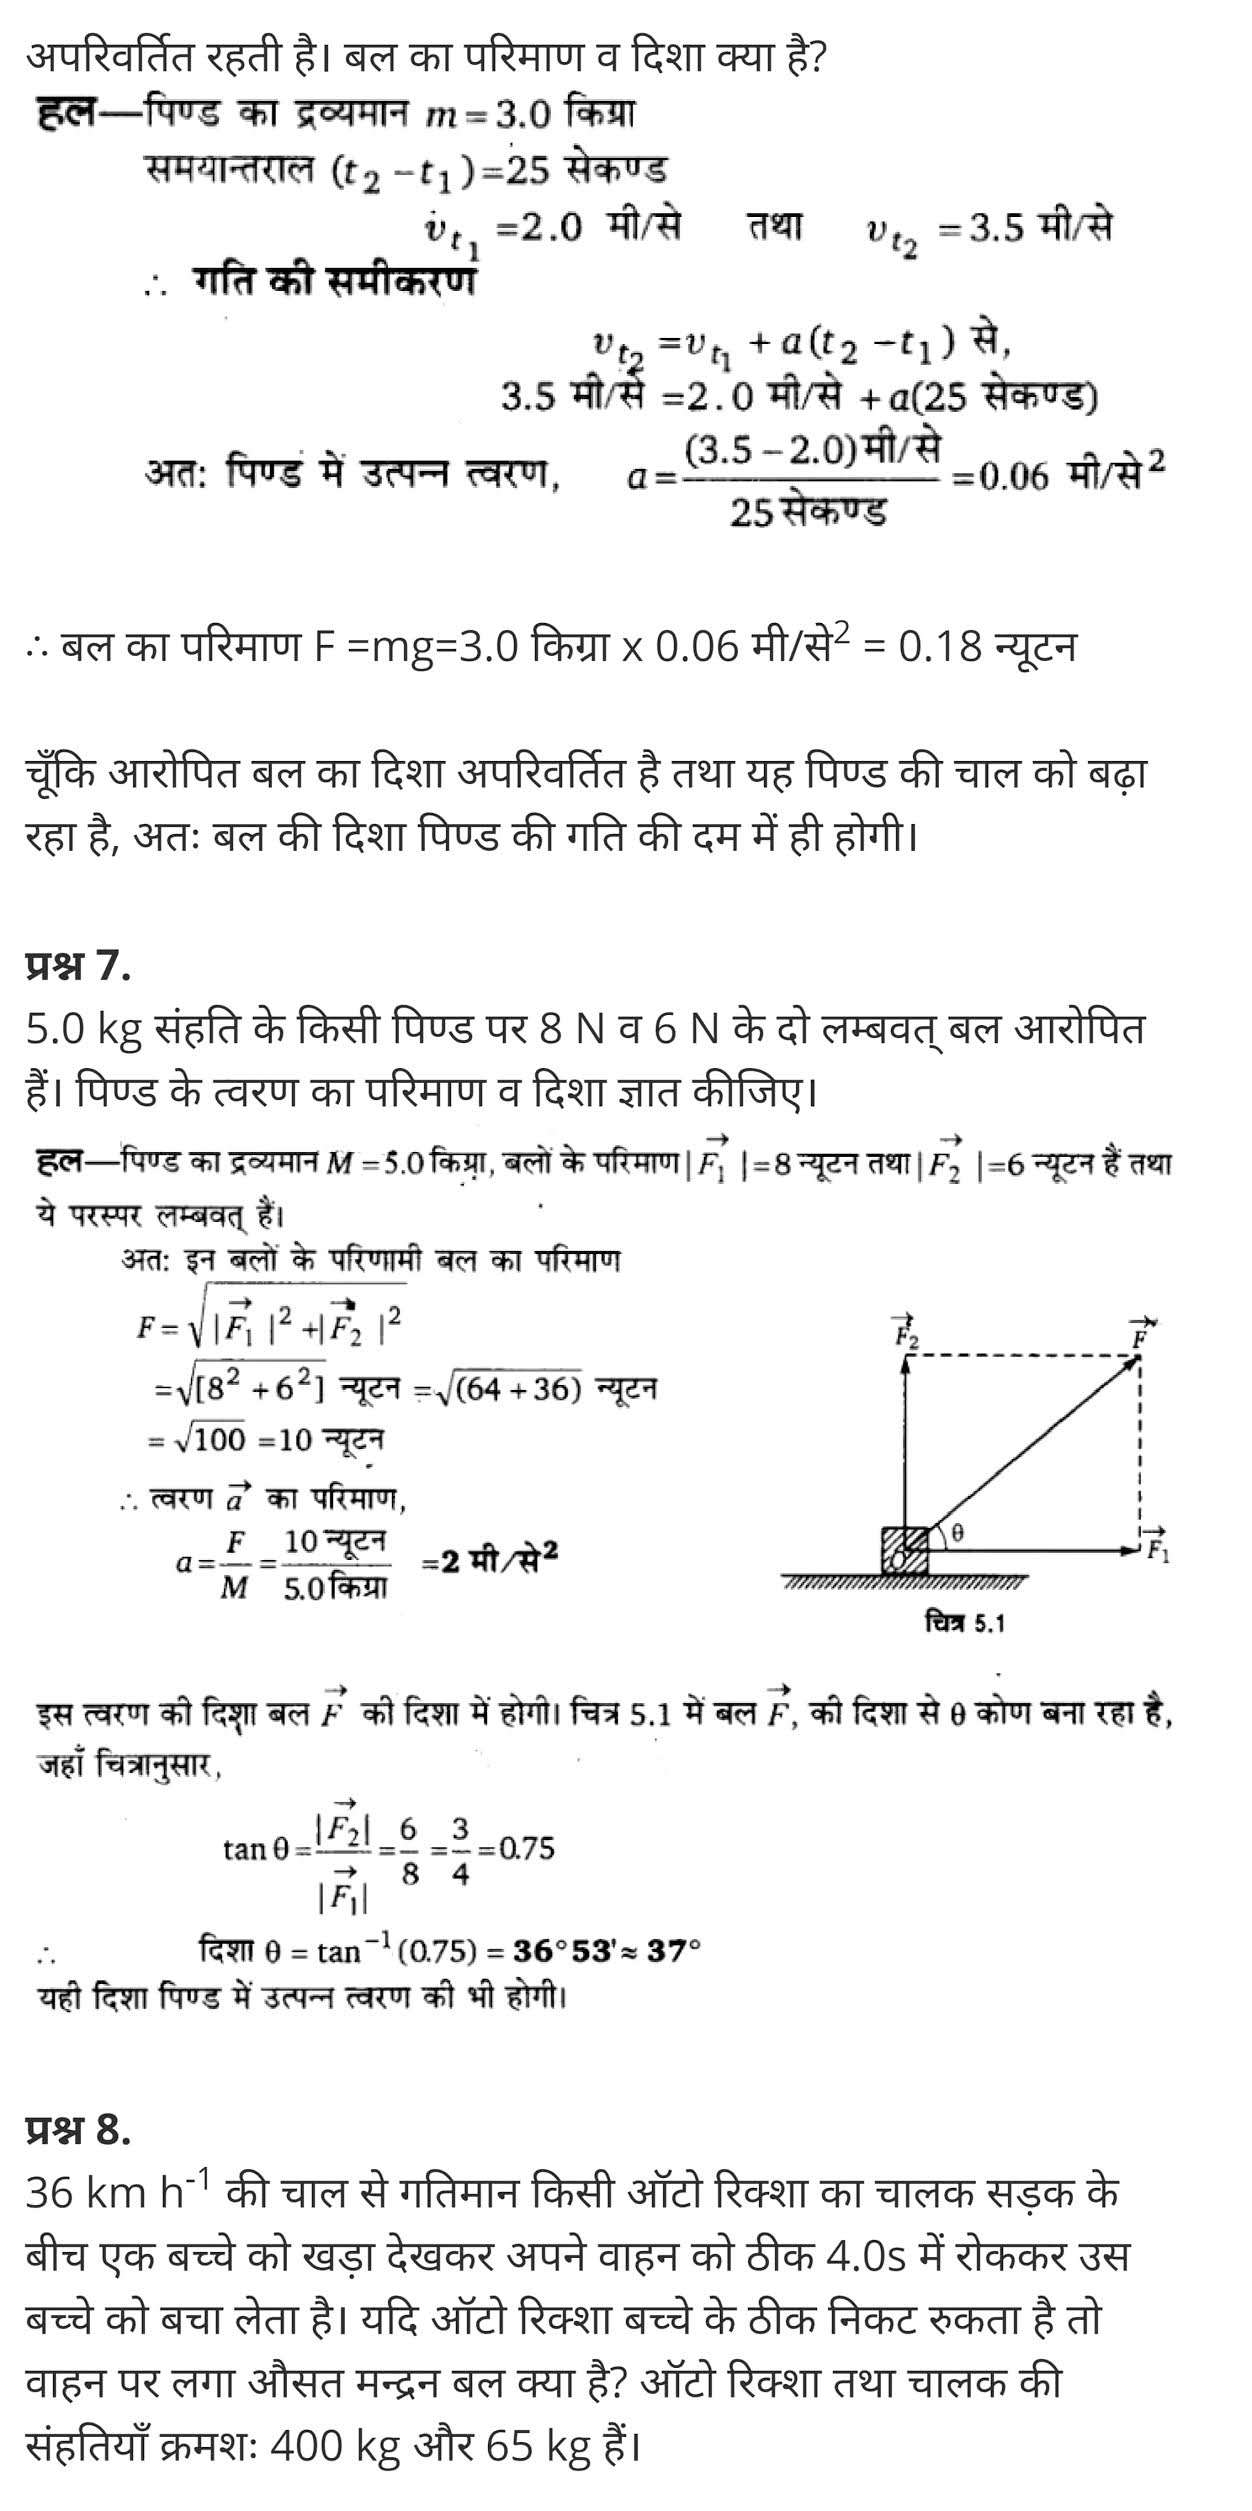 Motion in a plane,  ppt on motion in a plane class 11, motion in a plane physics wallah,  motion in a plane notes class 11, motion in a plane formulas,  motion in a plane class 11 solved problems,  motion in a plane ncert,  motion in a plane topics,  समतल में गति,  समतल,  समतल में गति के न्यूमेरिकल,  समतल गति की परिभाषा,  समतल गति किसे कहते हैं,  एक समतल गति को परिभाषित कीजिए,  प्रक्षेप्य गति के प्रश्न,  समतल सड़क पर कार की गति,  गति एवं समय,   class 11 physics Chapter 4,  class 11 physics chapter 4 ncert solutions in hindi,  class 11 physics chapter 4 notes in hindi,  class 11 physics chapter 4 question answer,  class 11 physics chapter 4 notes,  11 class physics chapter 4 in hindi,  class 11 physics chapter 4 in hindi,  class 11 physics chapter 4 important questions in hindi,  class 11 physics  notes in hindi,   class 11 physics chapter 4 test,  class 11 physics chapter 4 pdf,  class 11 physics chapter 4 notes pdf,  class 11 physics chapter 4 exercise solutions,  class 11 physics chapter 4, class 11 physics chapter 4 notes study rankers,  class 11 physics chapter 4 notes,  class 11 physics notes,   physics  class 11 notes pdf,  physics class 11 notes 2021 ncert,  physics class 11 pdf,  physics  book,  physics quiz class 11,   11th physics  book up board,  up board 11th physics notes,   कक्षा 11 भौतिक विज्ञान अध्याय 4,  कक्षा 11 भौतिक विज्ञान का अध्याय 4 ncert solution in hindi,  कक्षा 11 भौतिक विज्ञान के अध्याय 4 के नोट्स हिंदी में,  कक्षा 11 का भौतिक विज्ञान अध्याय 4 का प्रश्न उत्तर,  कक्षा 11 भौतिक विज्ञान अध्याय 4 के नोट्स,  11 कक्षा भौतिक विज्ञान अध्याय 4 हिंदी में,  कक्षा 11 भौतिक विज्ञान अध्याय 4 हिंदी में,  कक्षा 11 भौतिक विज्ञान अध्याय 4 महत्वपूर्ण प्रश्न हिंदी में,  कक्षा 11 के भौतिक विज्ञान के नोट्स हिंदी में,